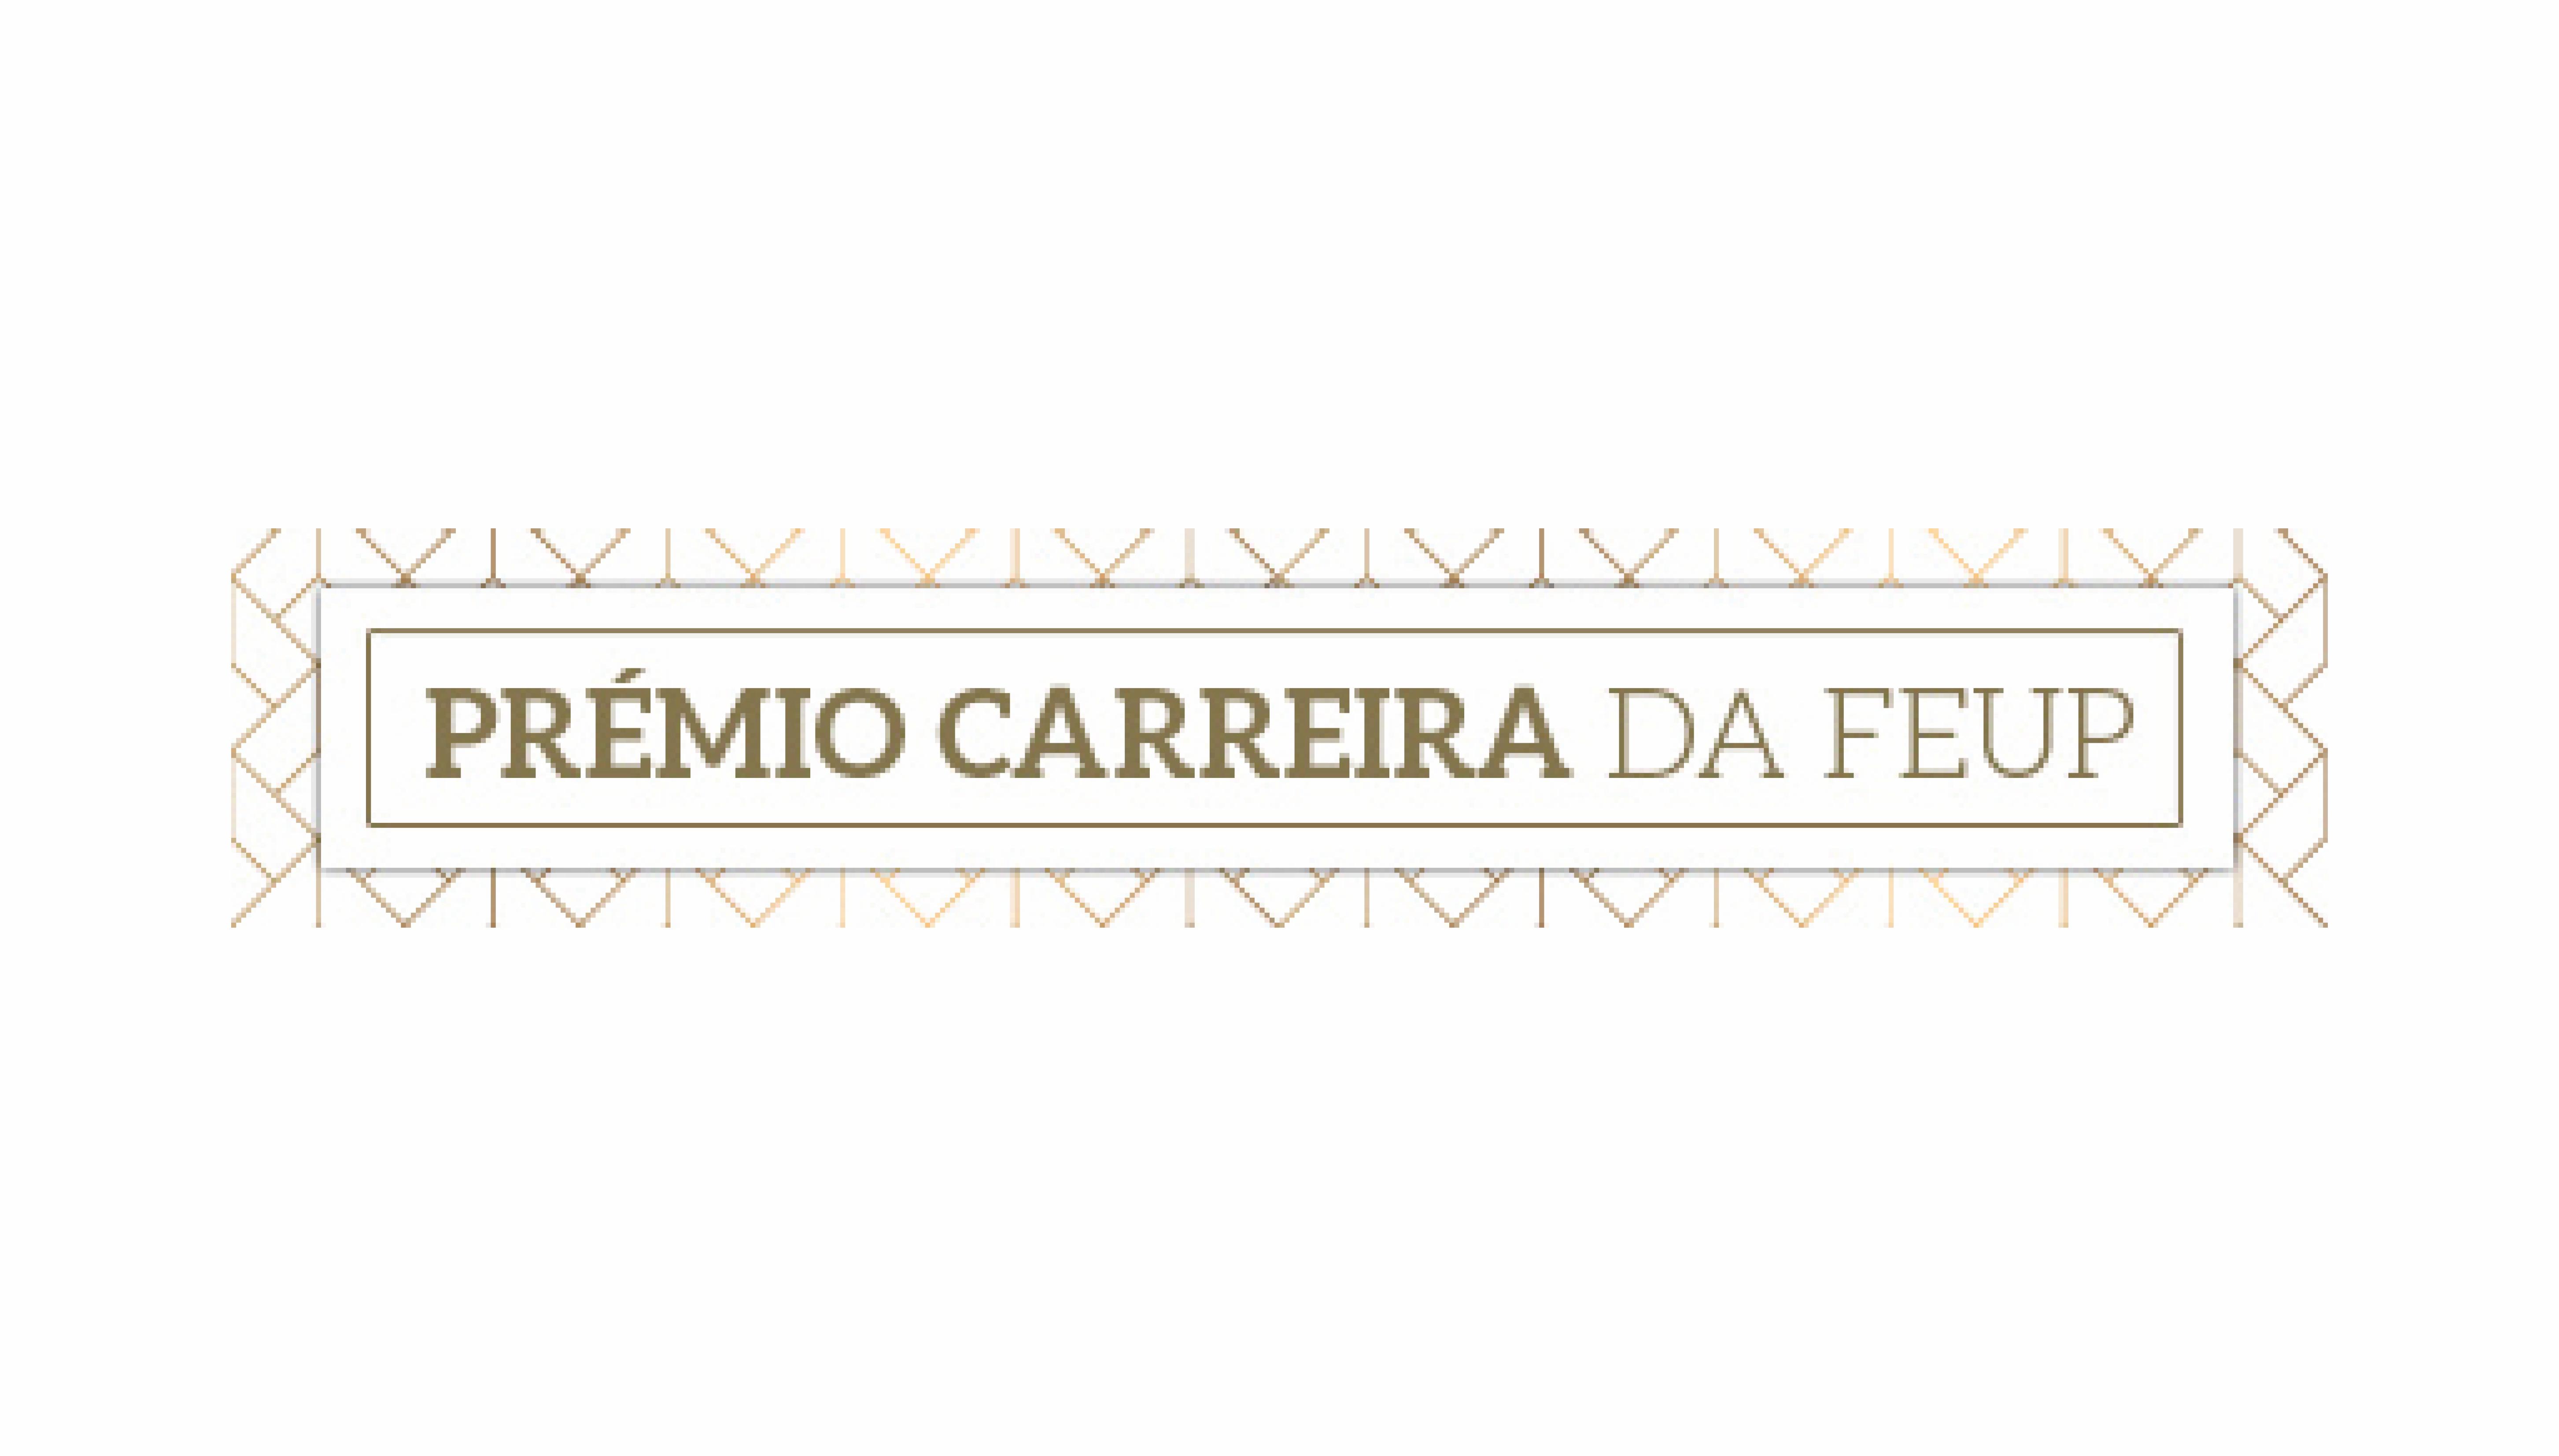 Plataforma Notícias Ordem Engenheiros Região Norte - Abertas nomeações do Prémio Carreira FEUP 2019